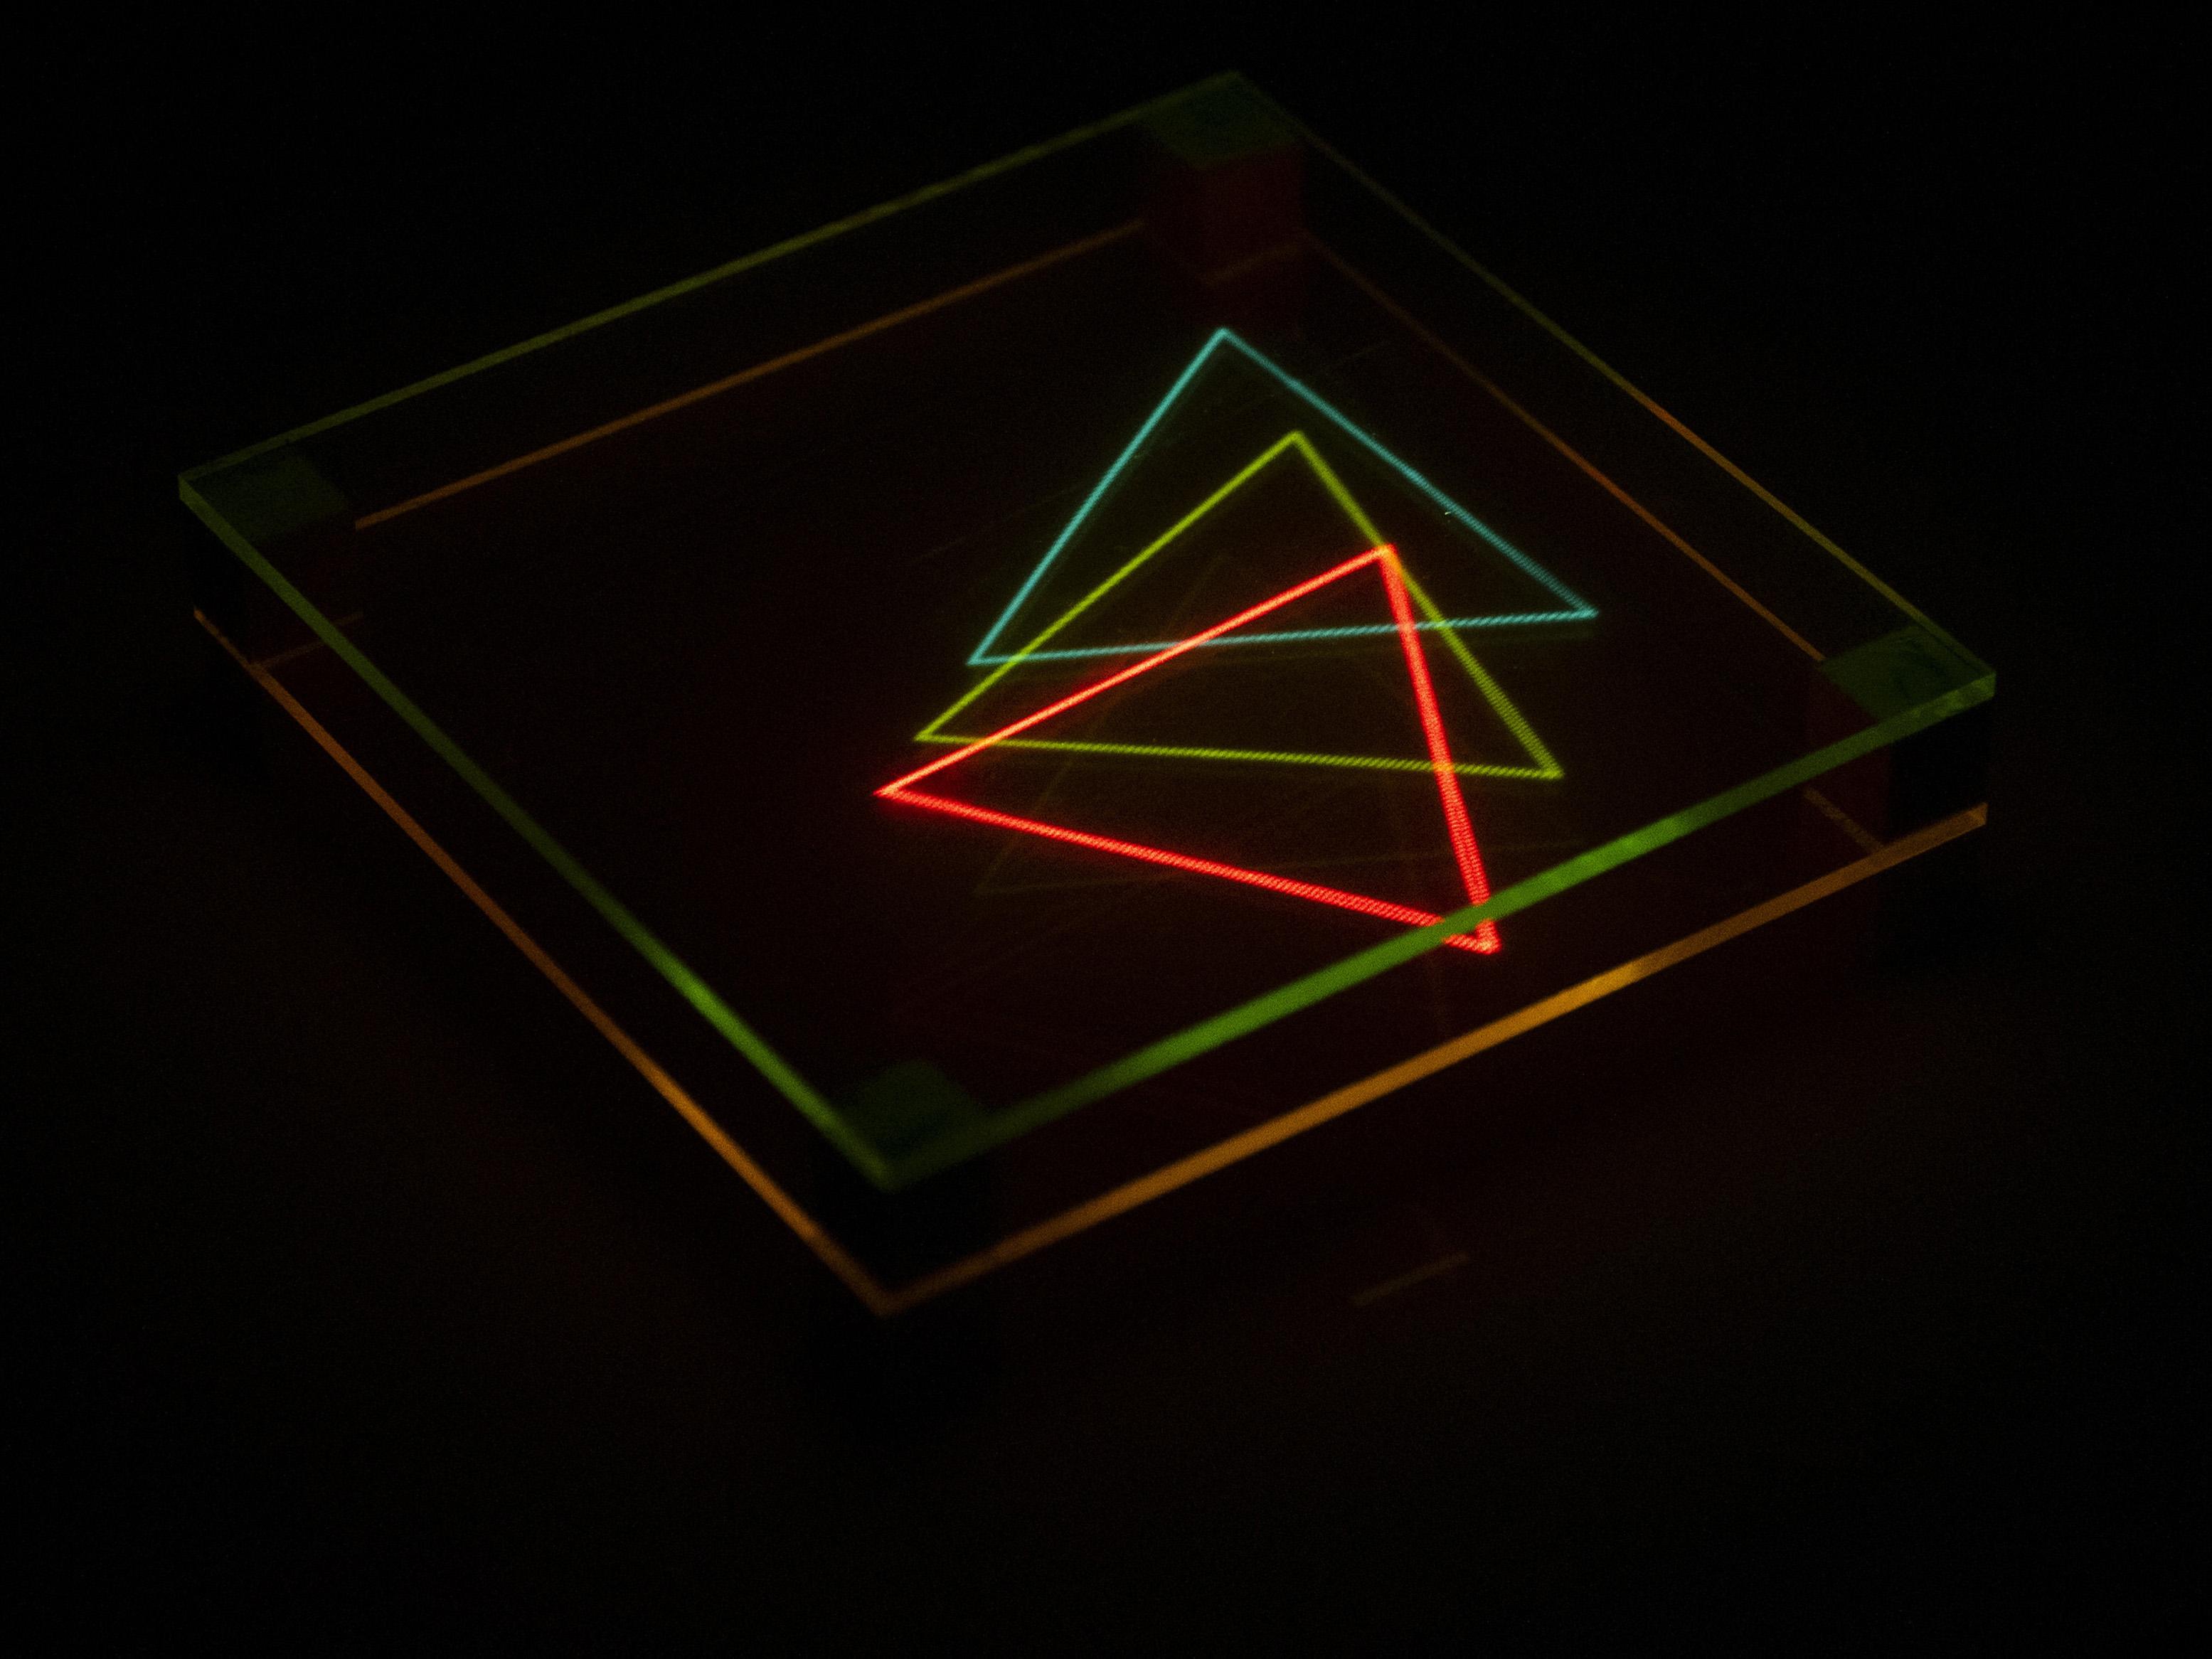 暗闇に浮かぶ蛍光を利用したディスプレー「Layers of Light/光のレイヤー」(提供:石川将也氏)